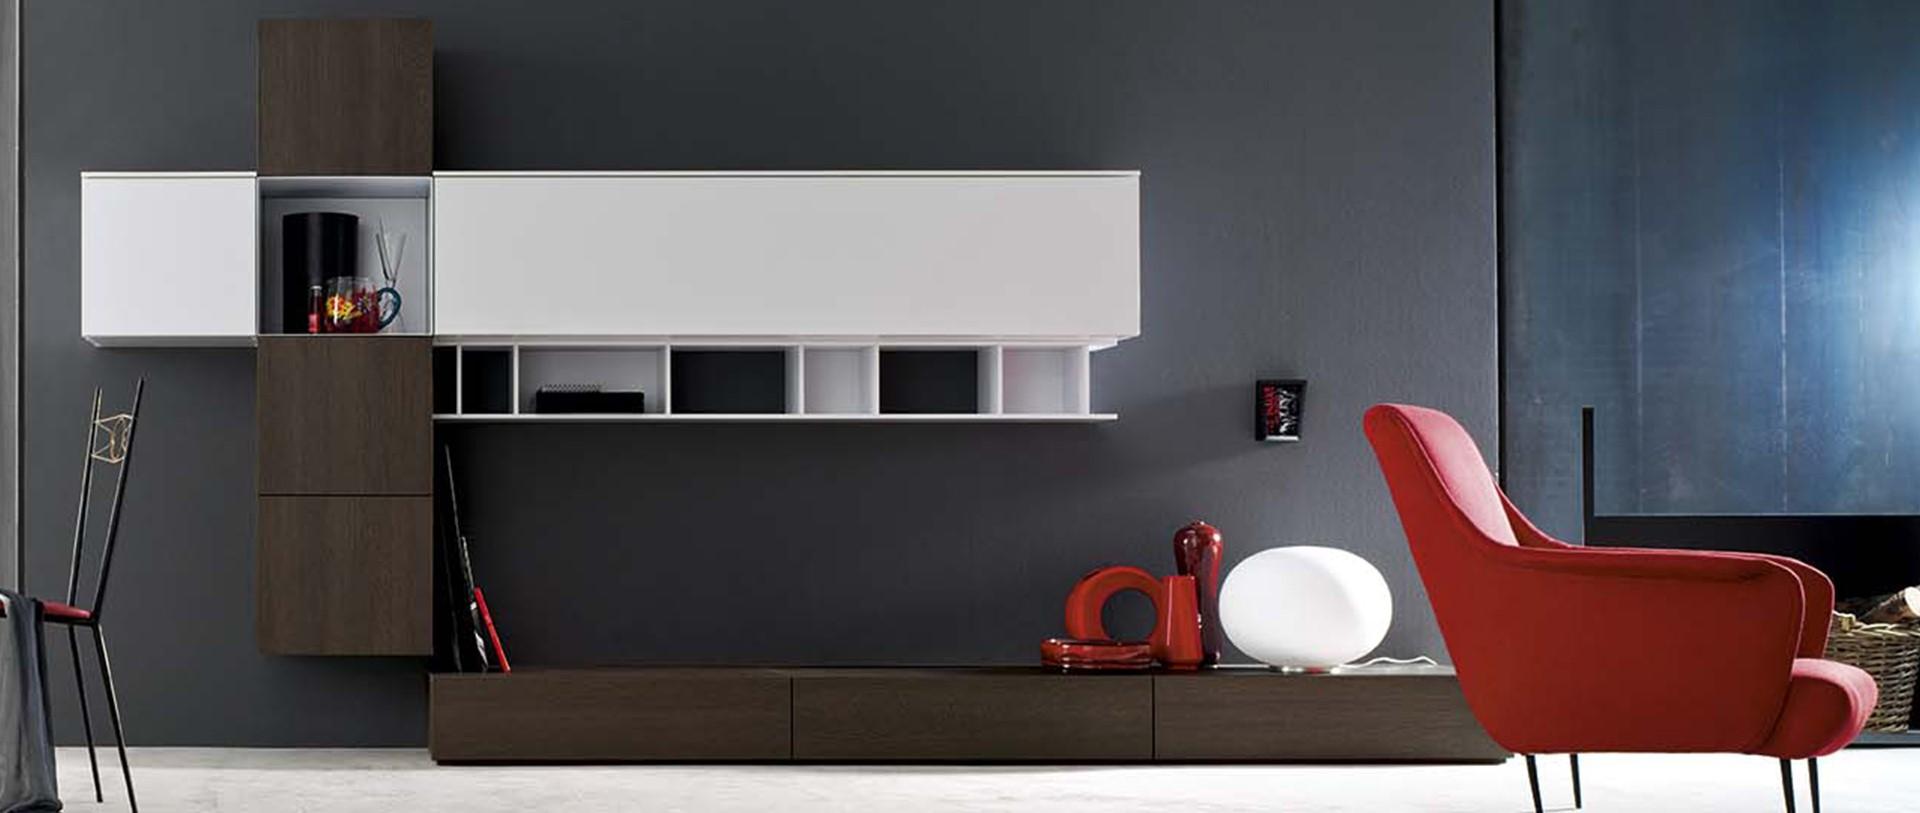 La verderosa s r l arredamento in legno roma mobili su for Arredamento roma est